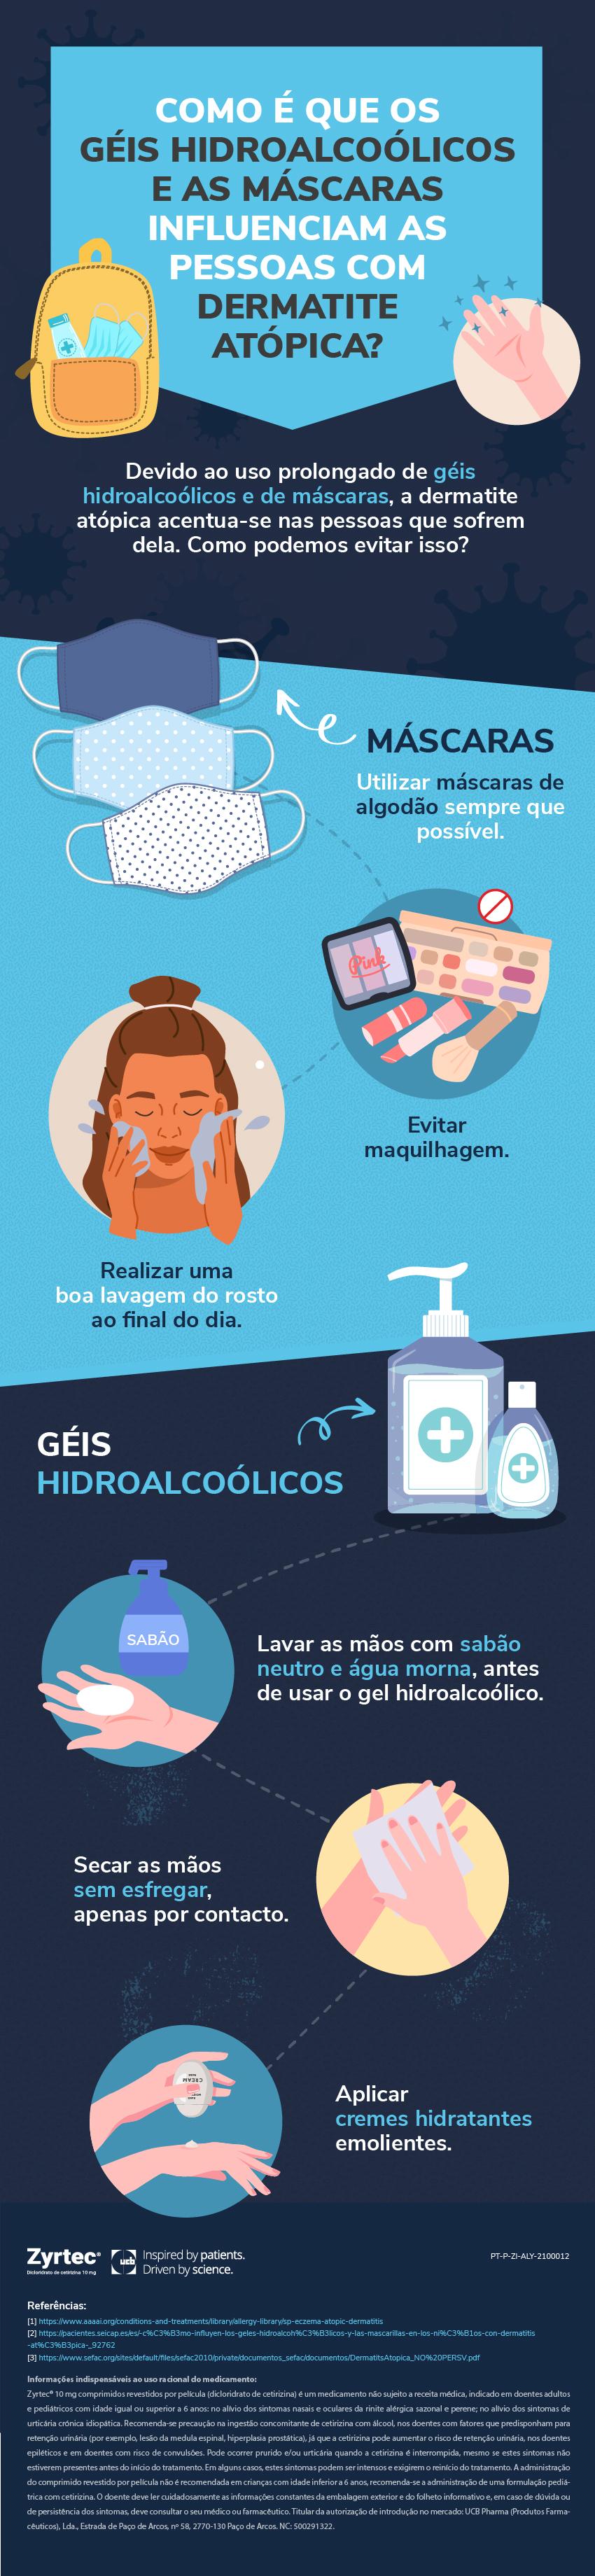 Dermatite atopica geis hidroalcoolicos e mascaras